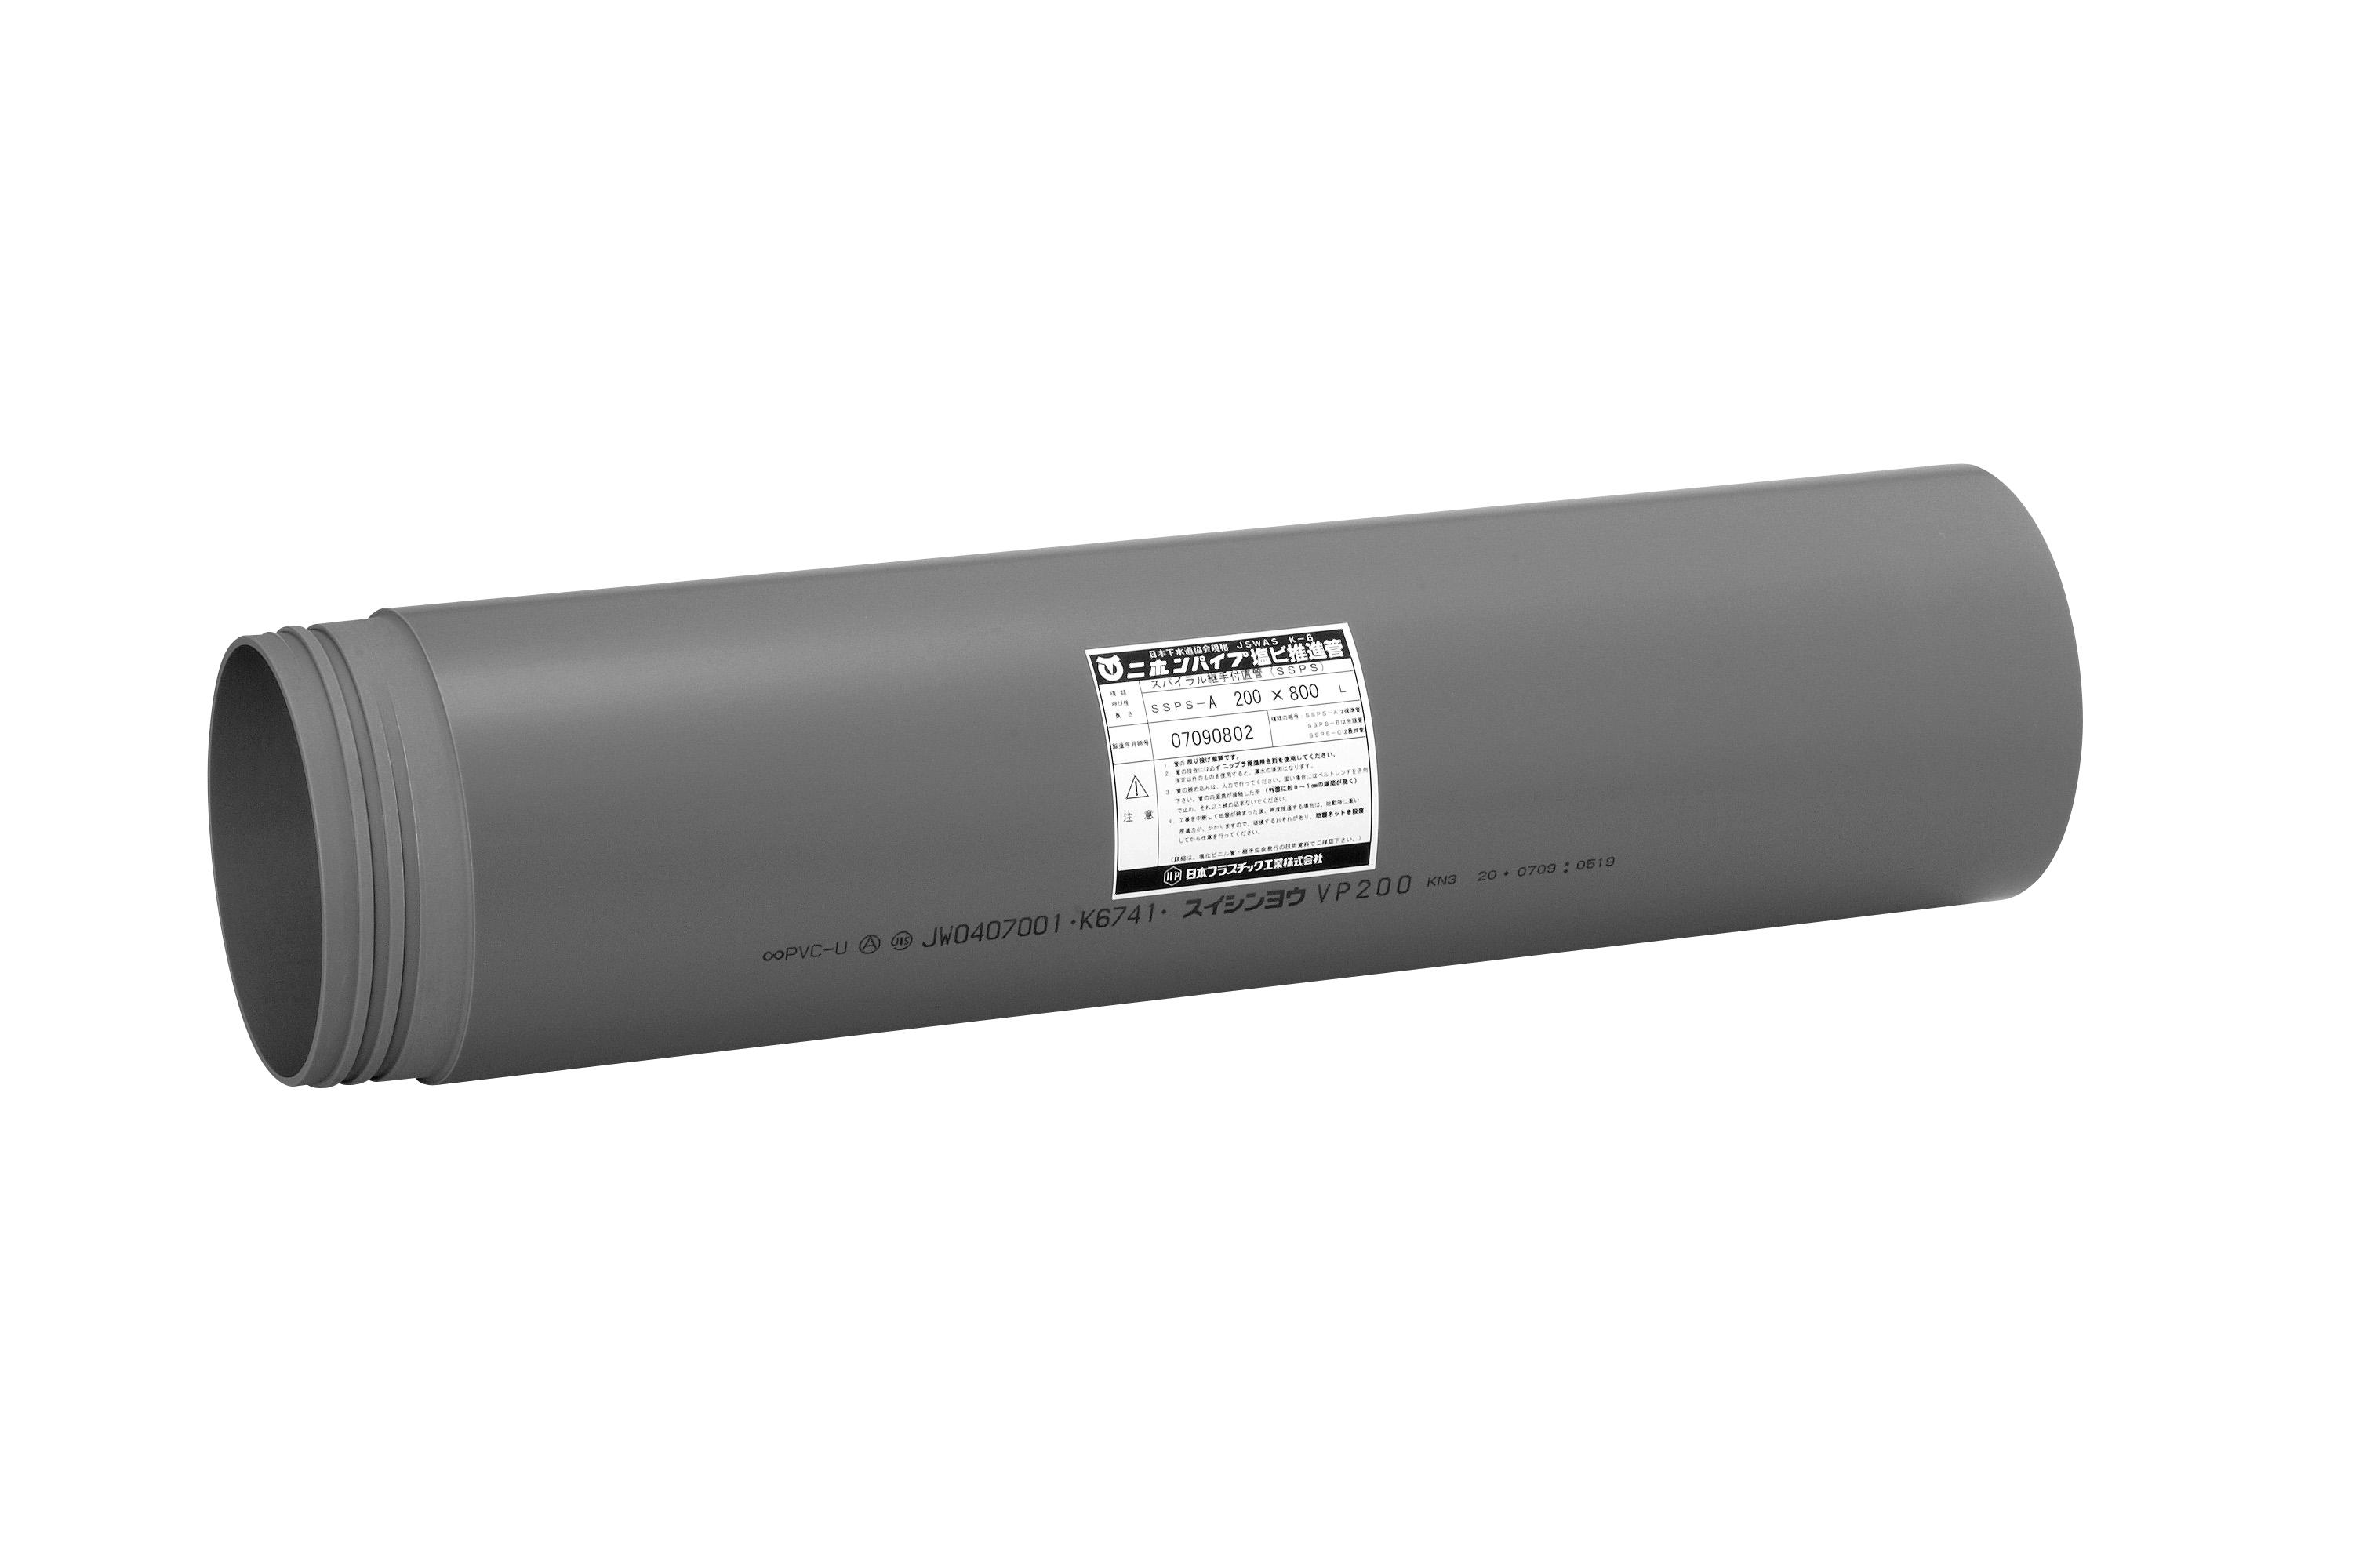 下水道推進工法用硬質塩化ビニル管(スパイラル継手付)